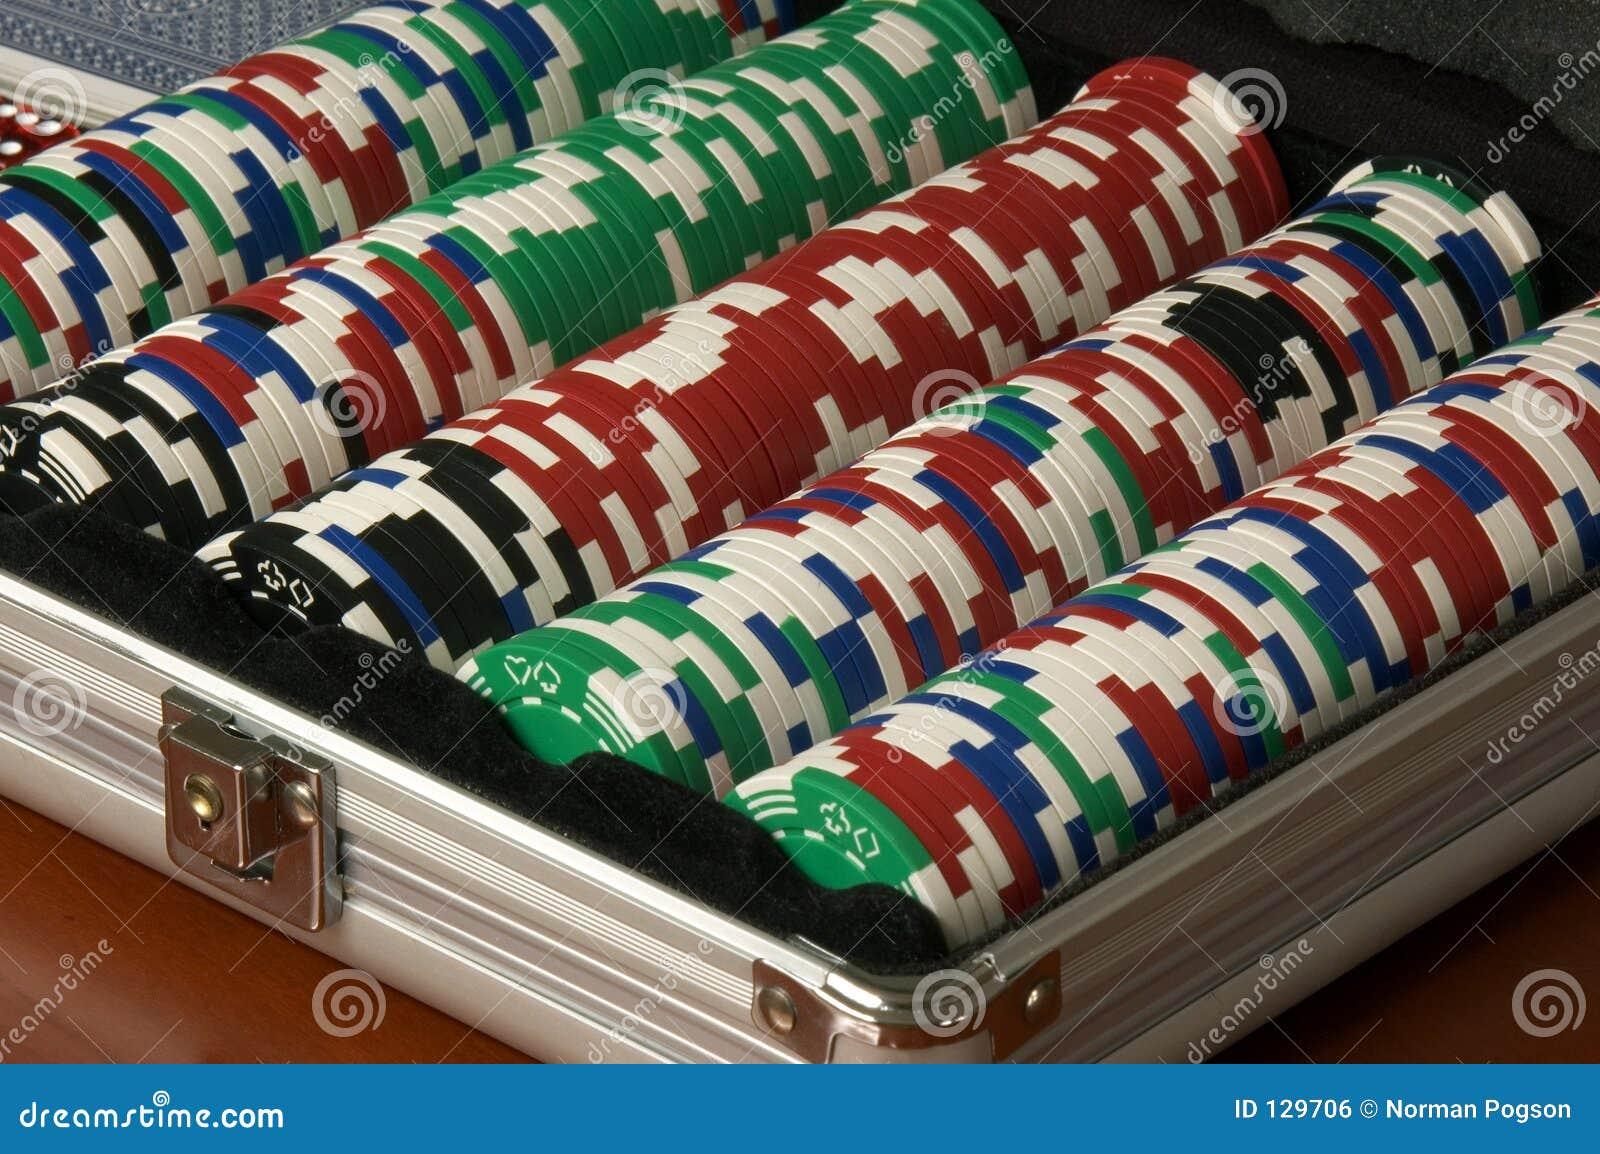 Chip w pokera.